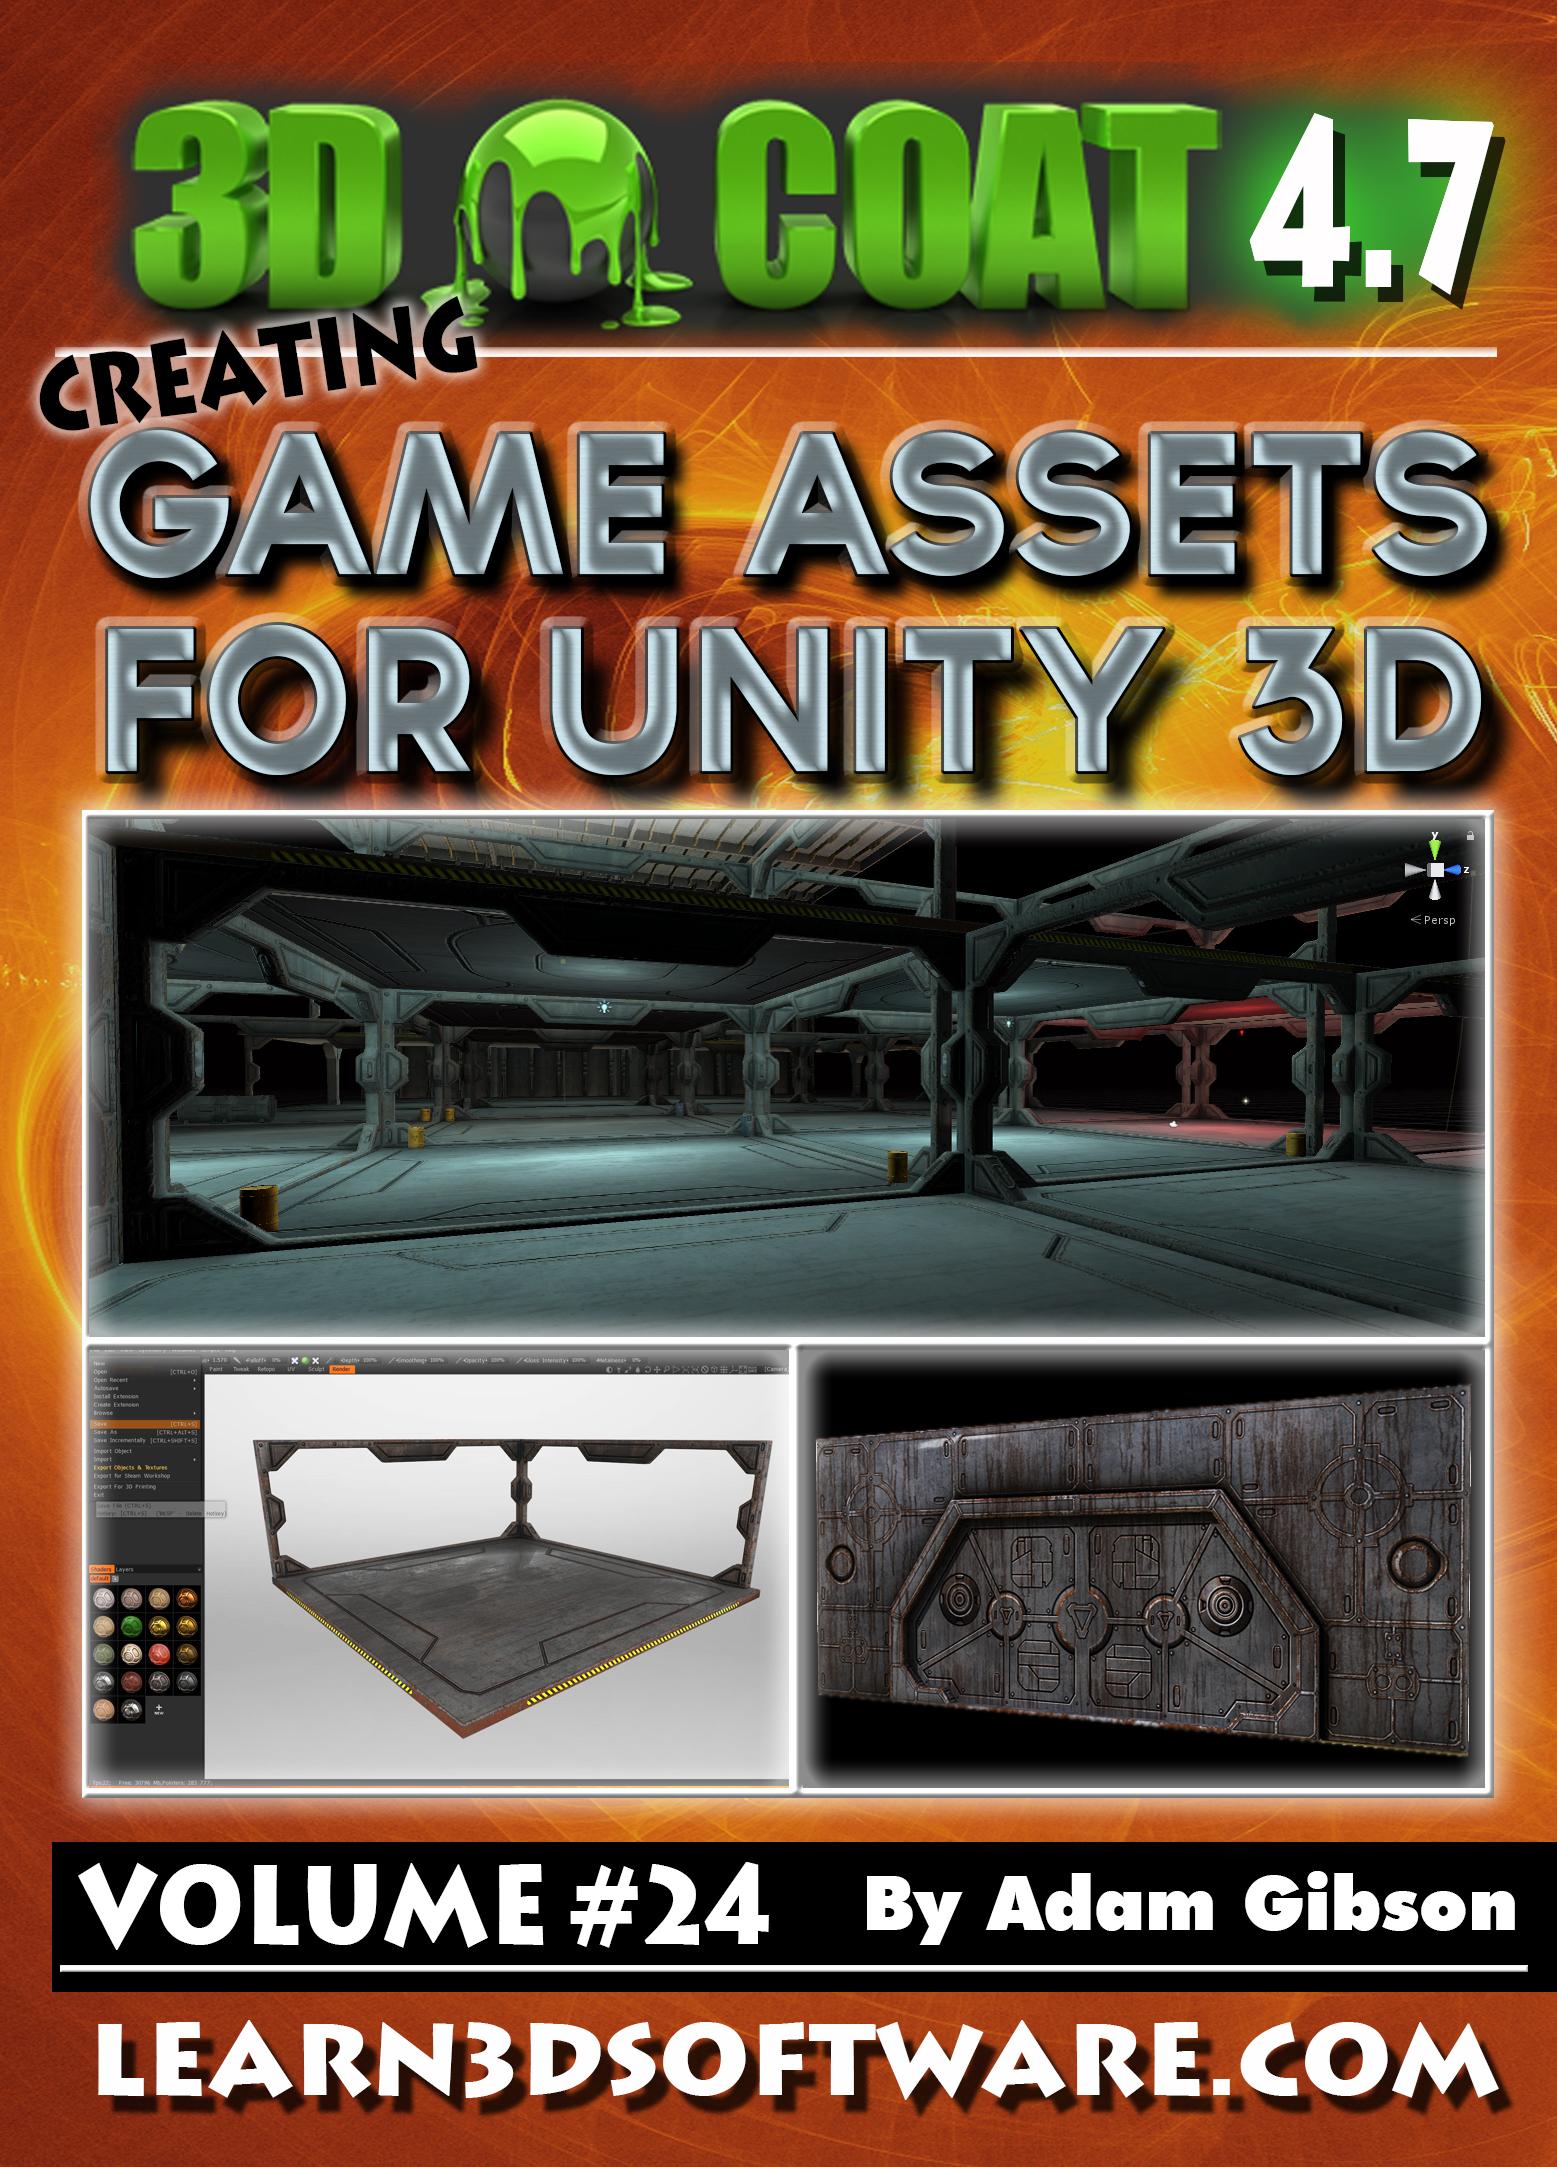 New!! 3D Coat 4 7- Creating Game Assets for Unity 3D – Liberty3D com